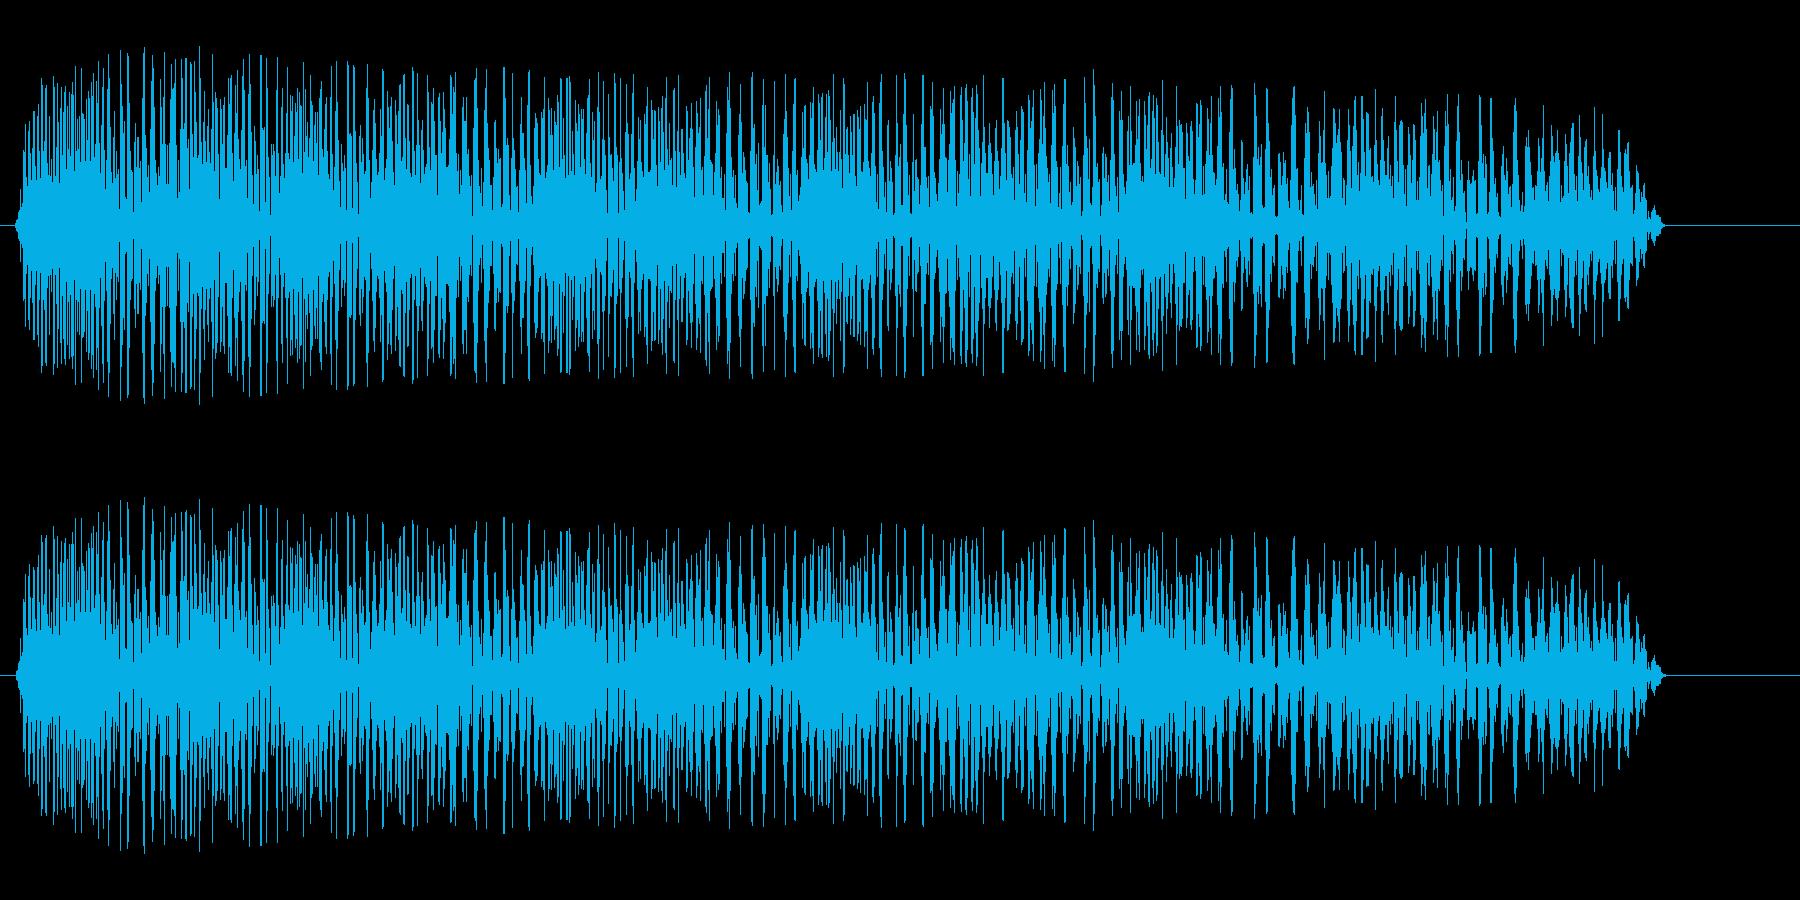 グワワワン(やられた音)の再生済みの波形